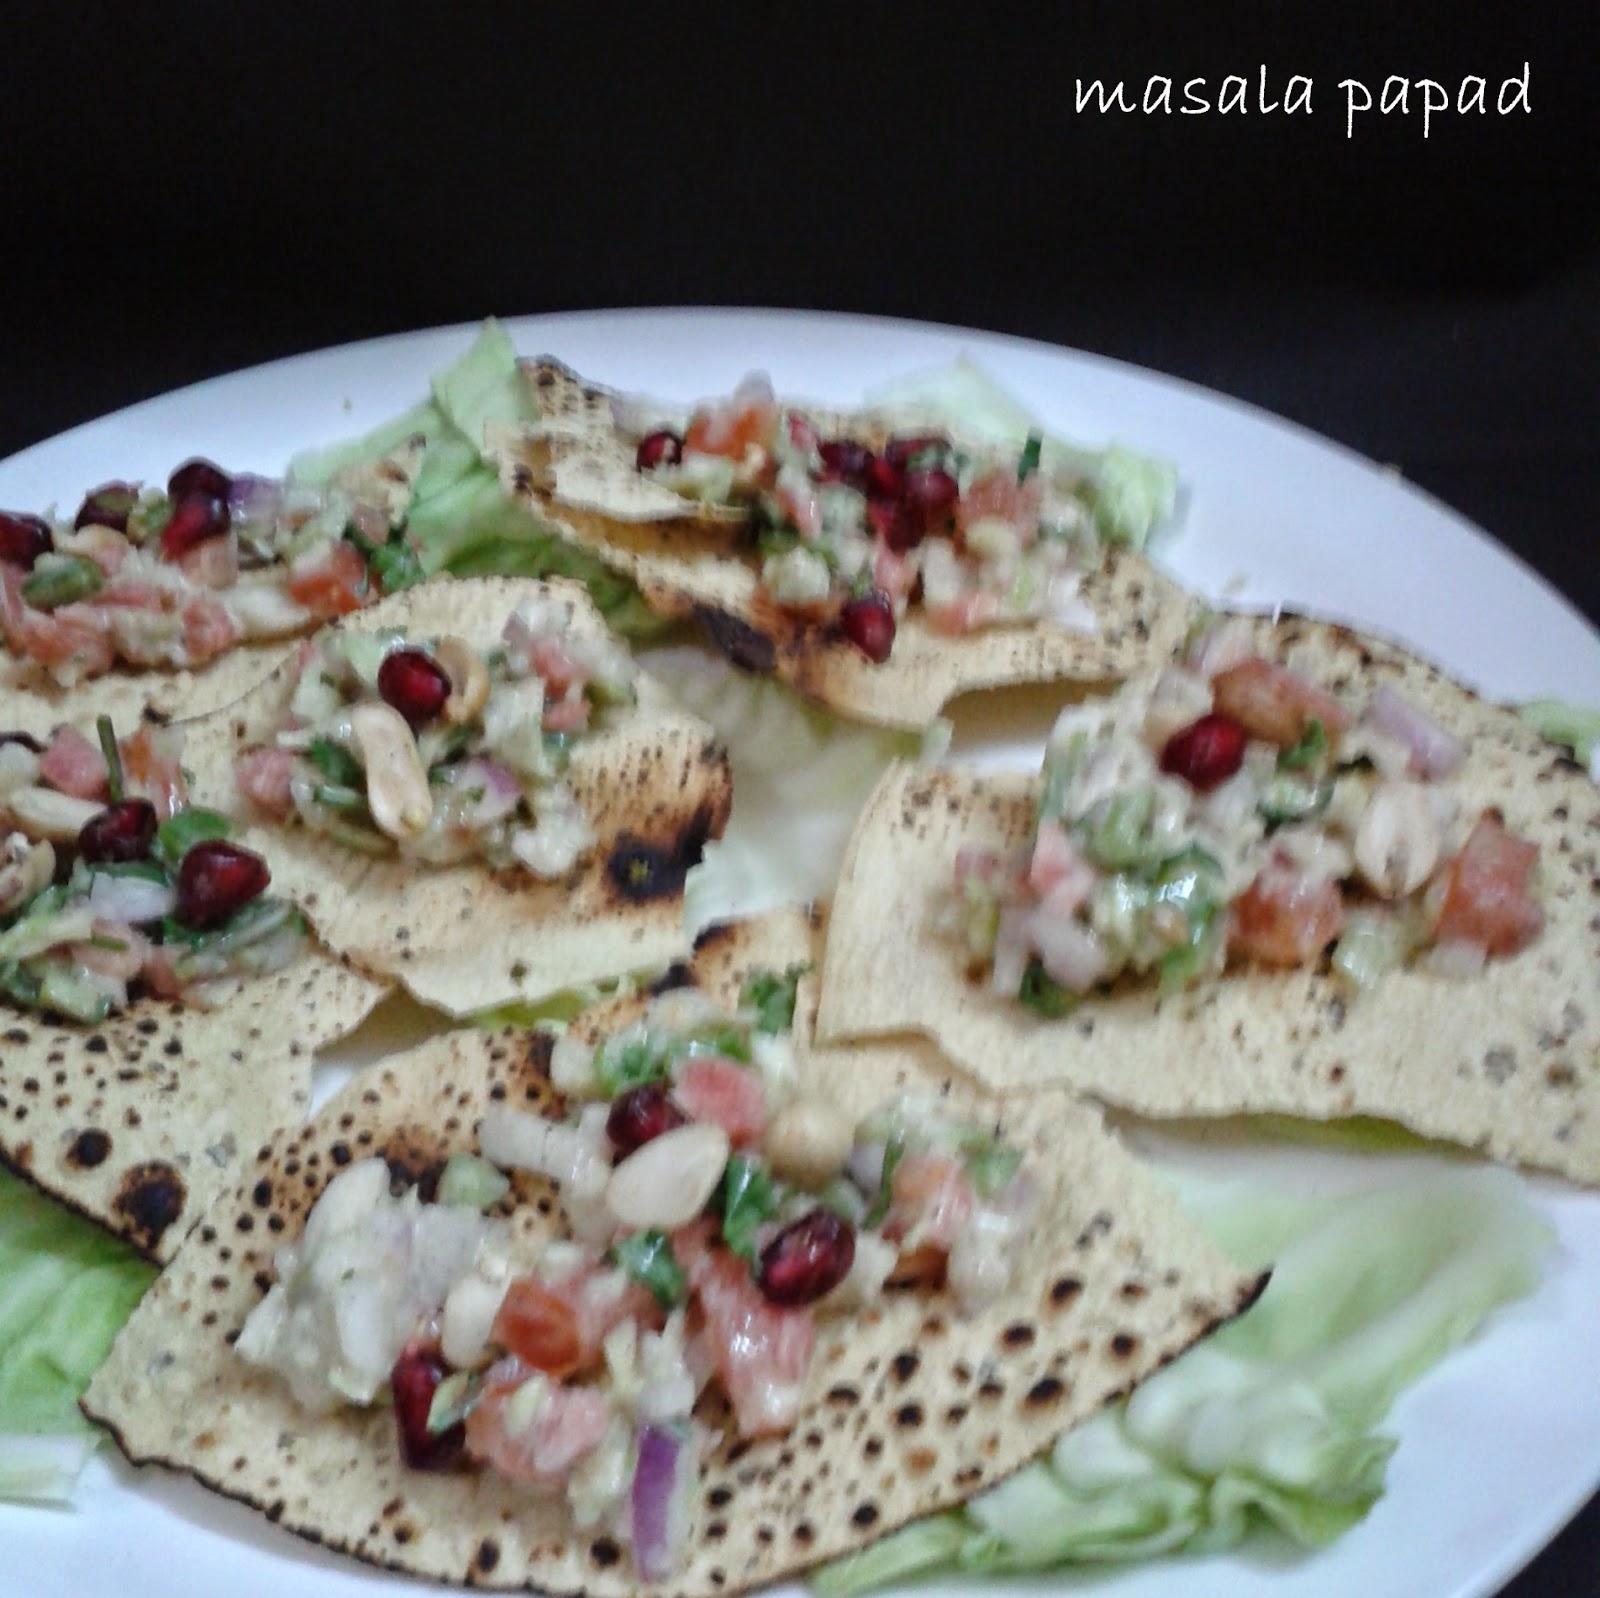 http://www.paakvidhi.com/2013/07/papad-tacos.html